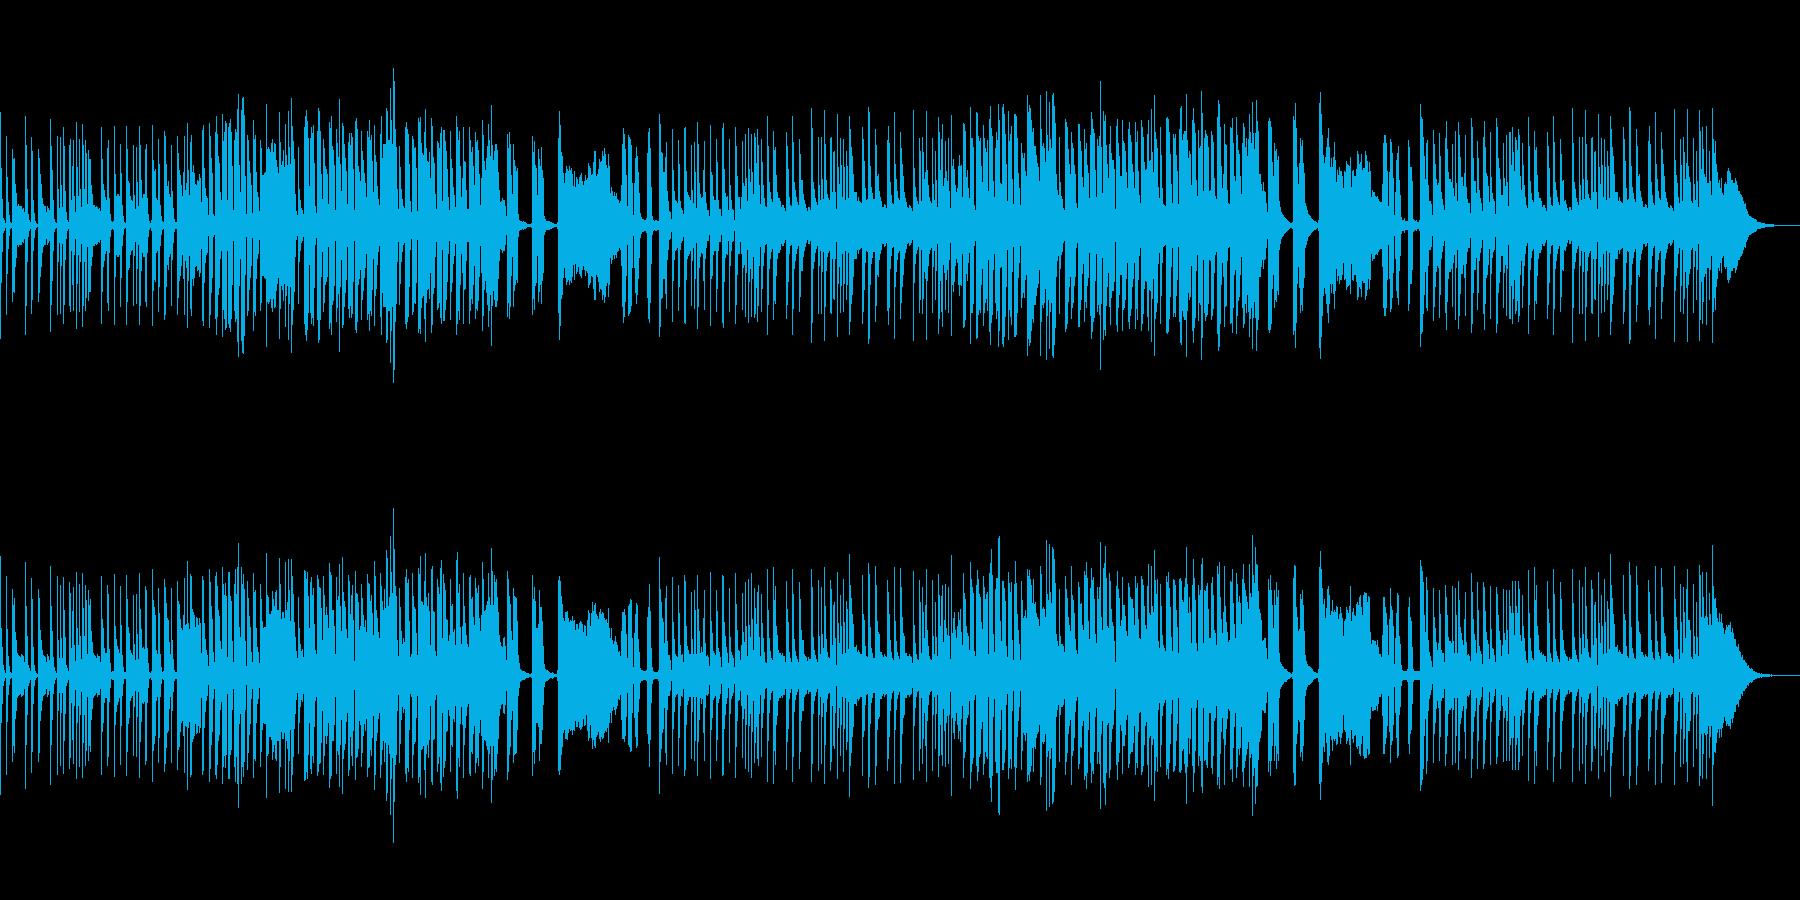 わくわくするマーチングバンド風ジングル2の再生済みの波形